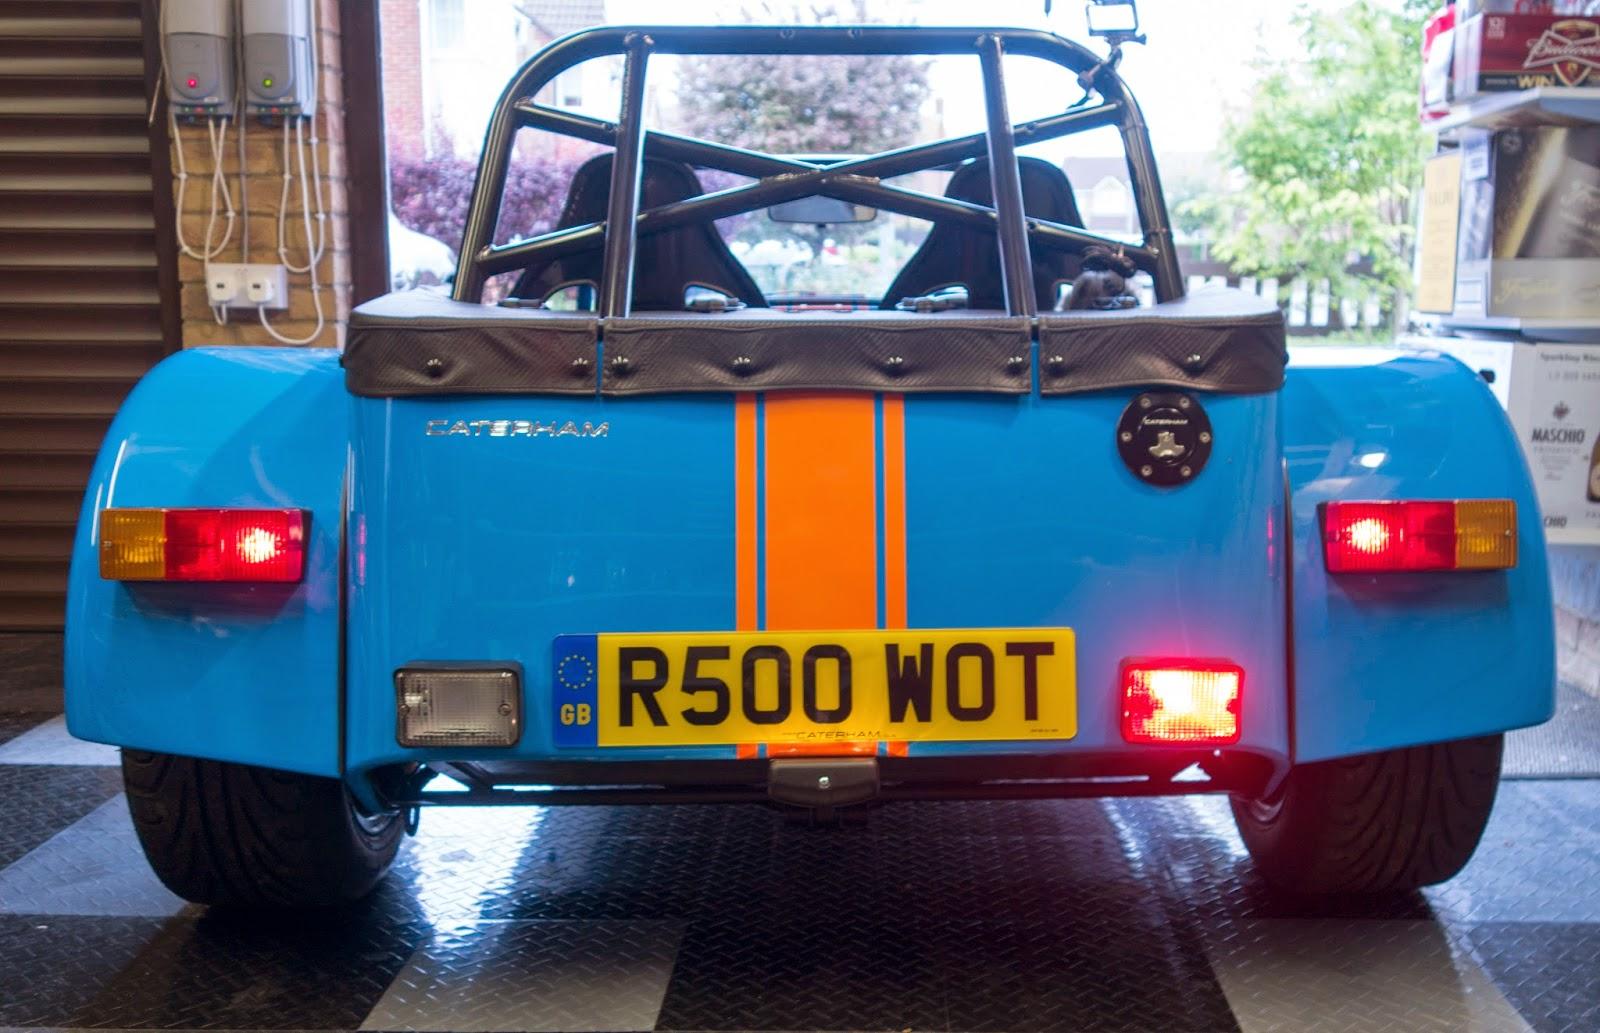 Standard rear lights including fog light illuminated.